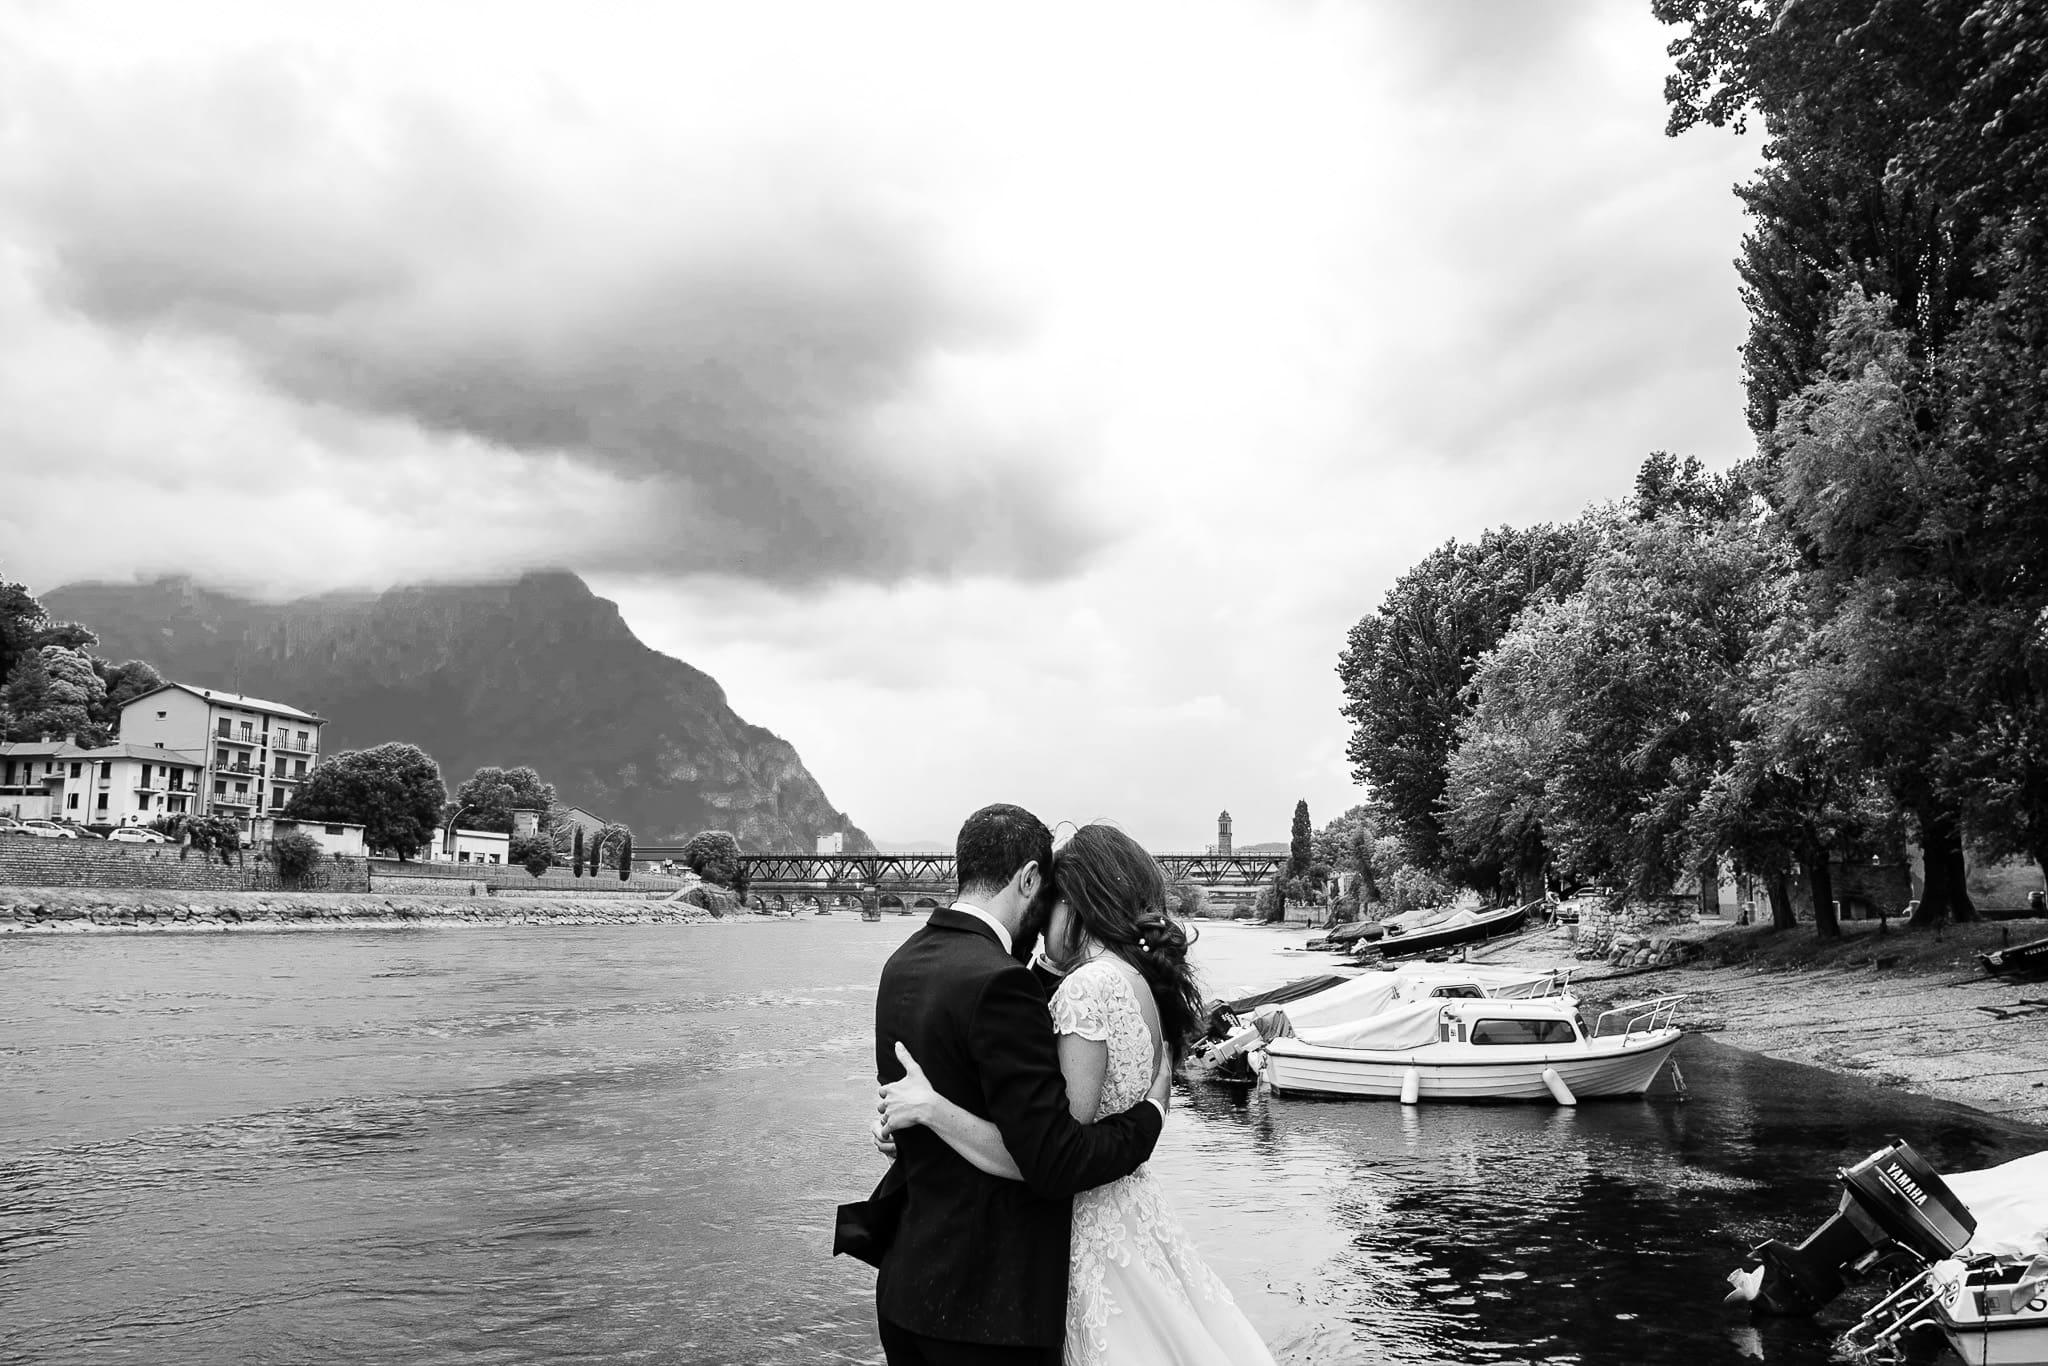 Matrimonio Lecco chiesa promessi sposi 69